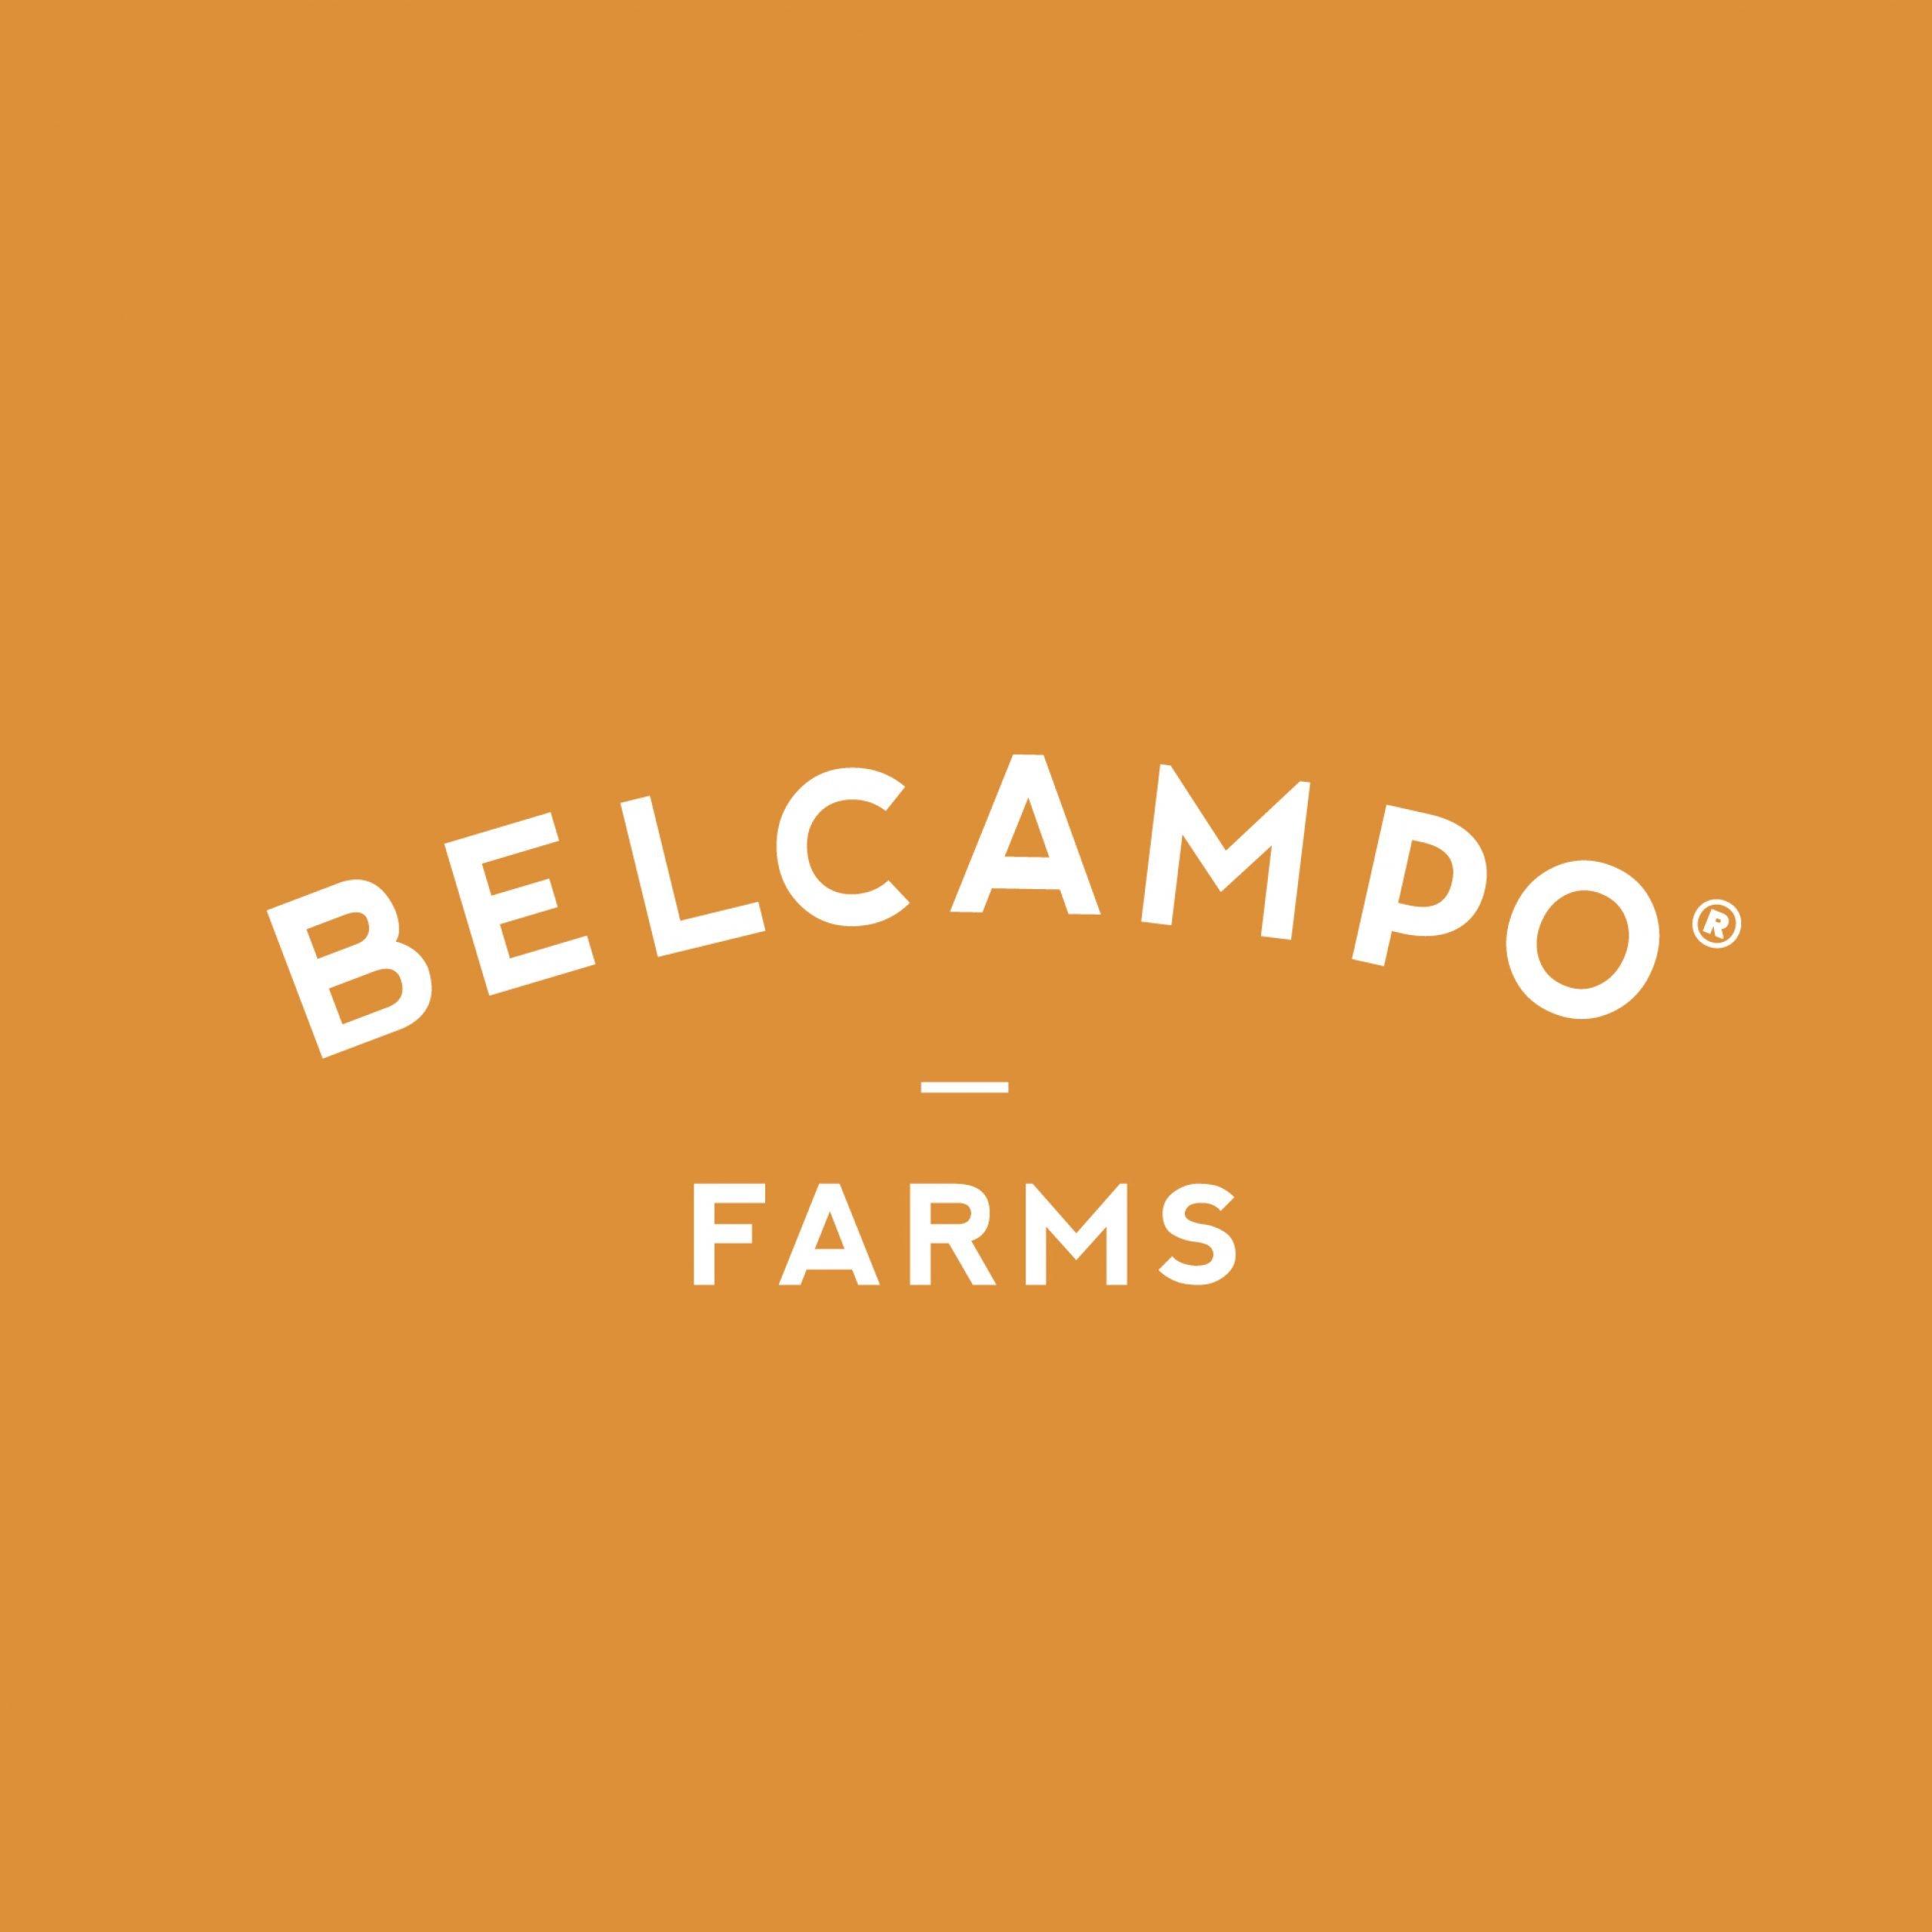 CASE-STUDY_BELCAMPO-11